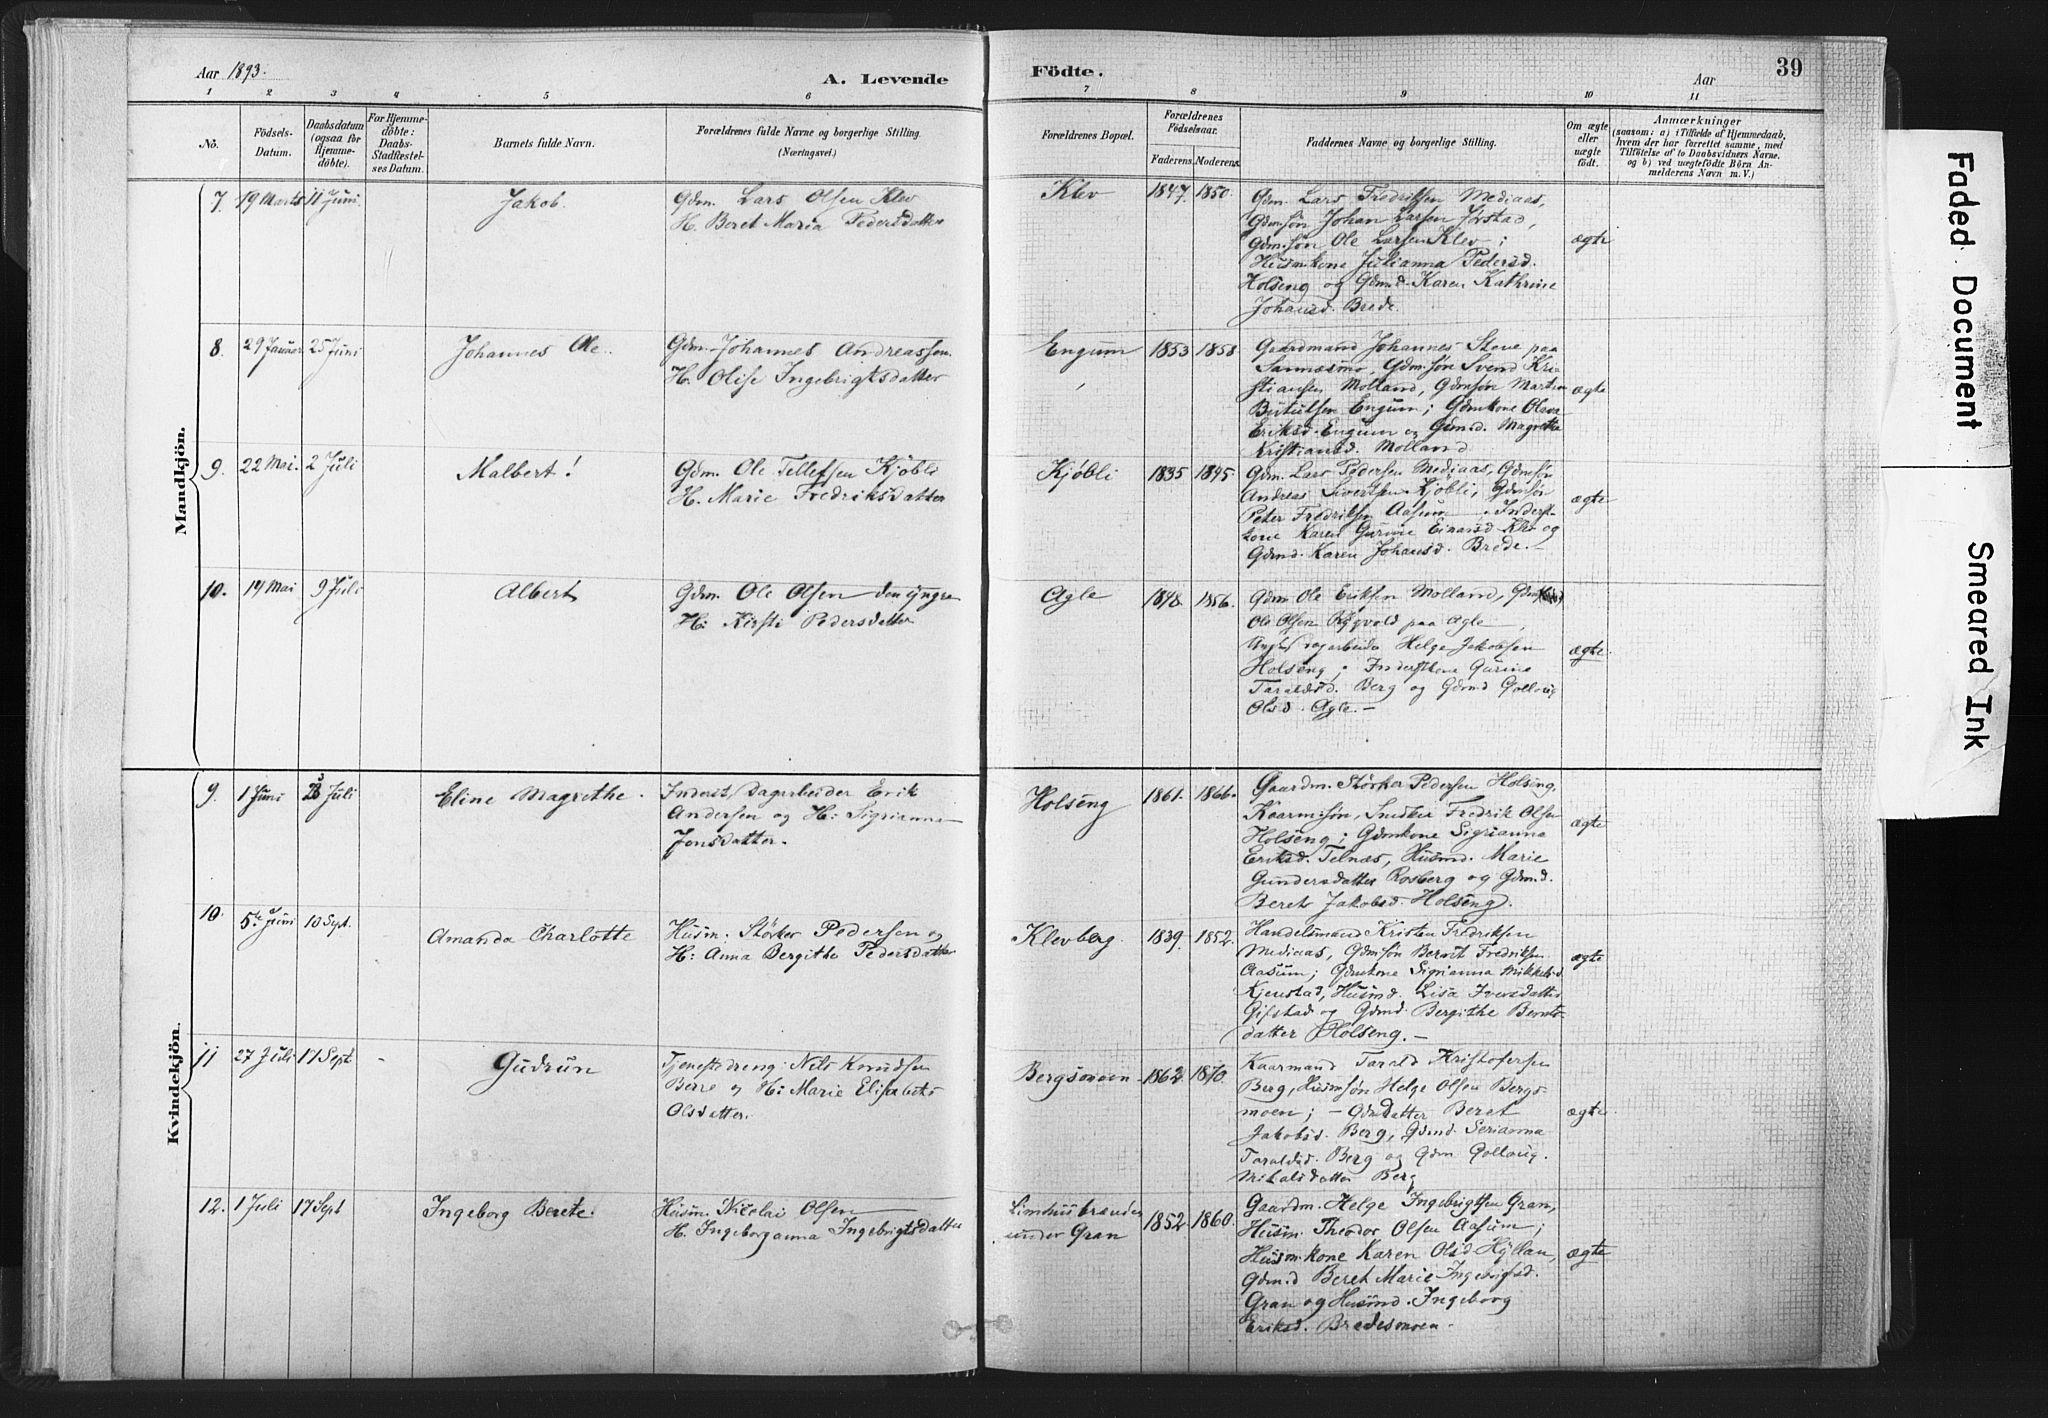 SAT, Ministerialprotokoller, klokkerbøker og fødselsregistre - Nord-Trøndelag, 749/L0474: Ministerialbok nr. 749A08, 1887-1903, s. 39